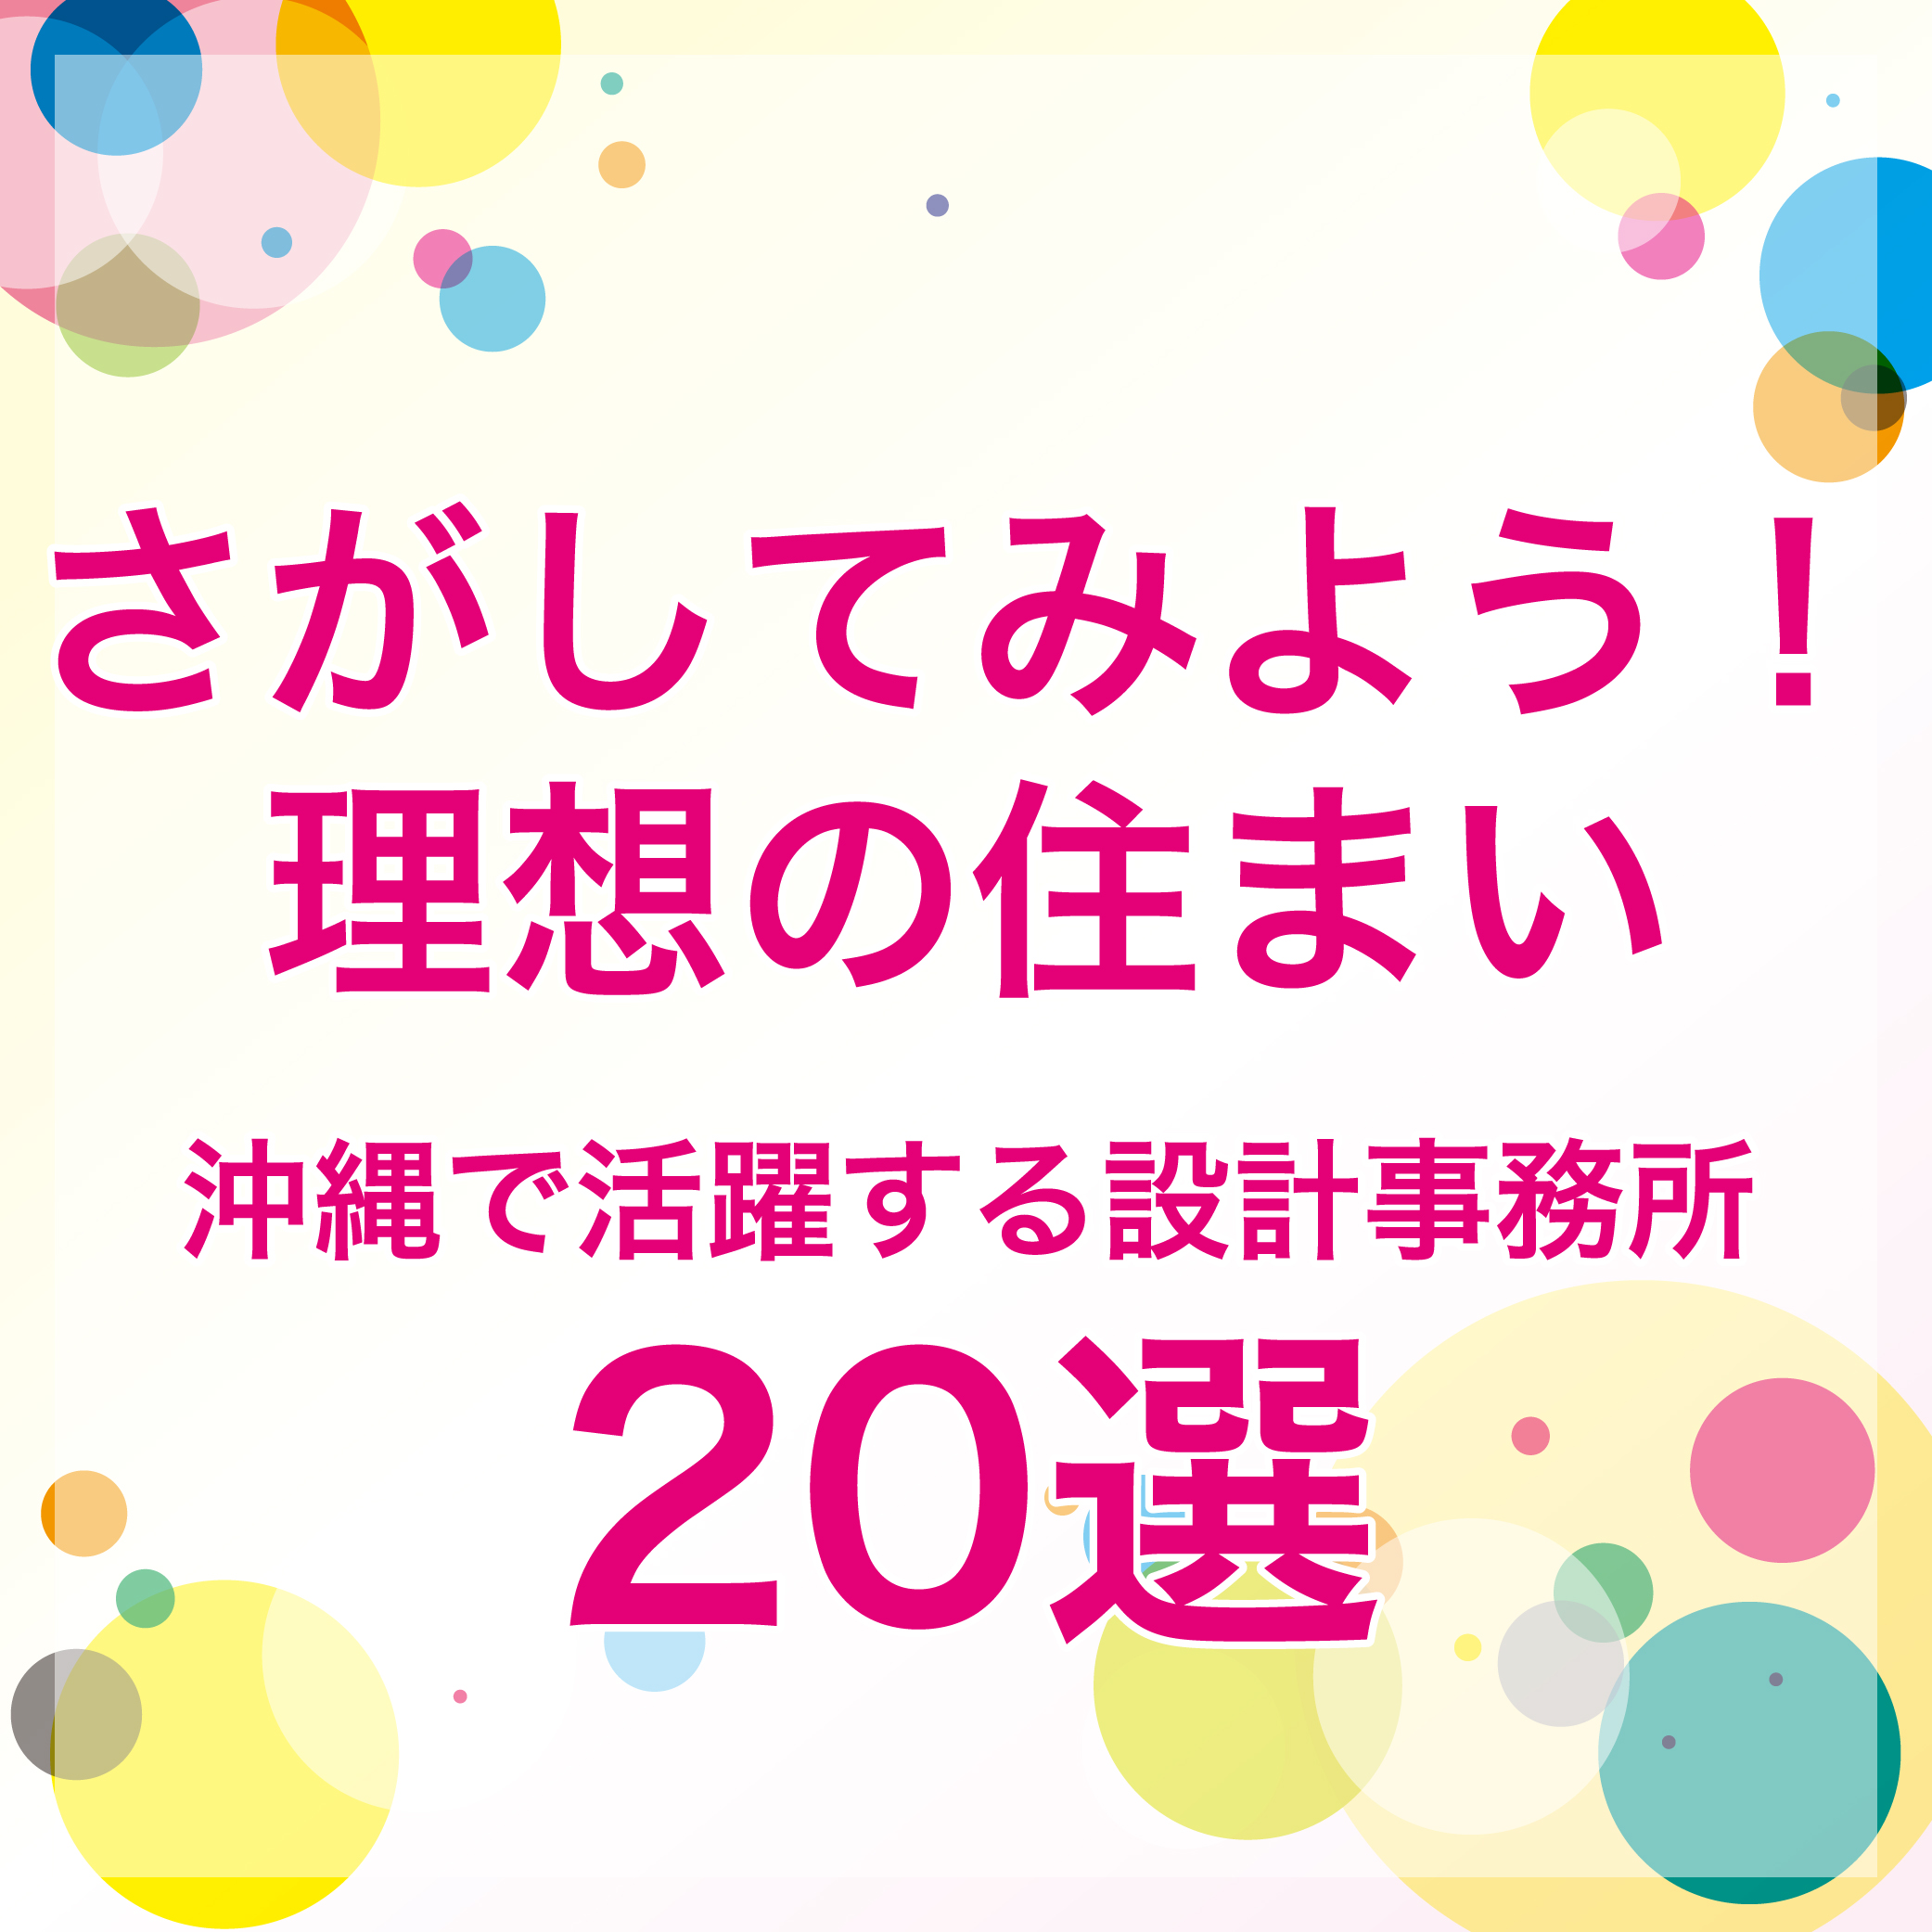 さがしてみよう!理想の住まい【沖縄で活躍する設計事務所20選】